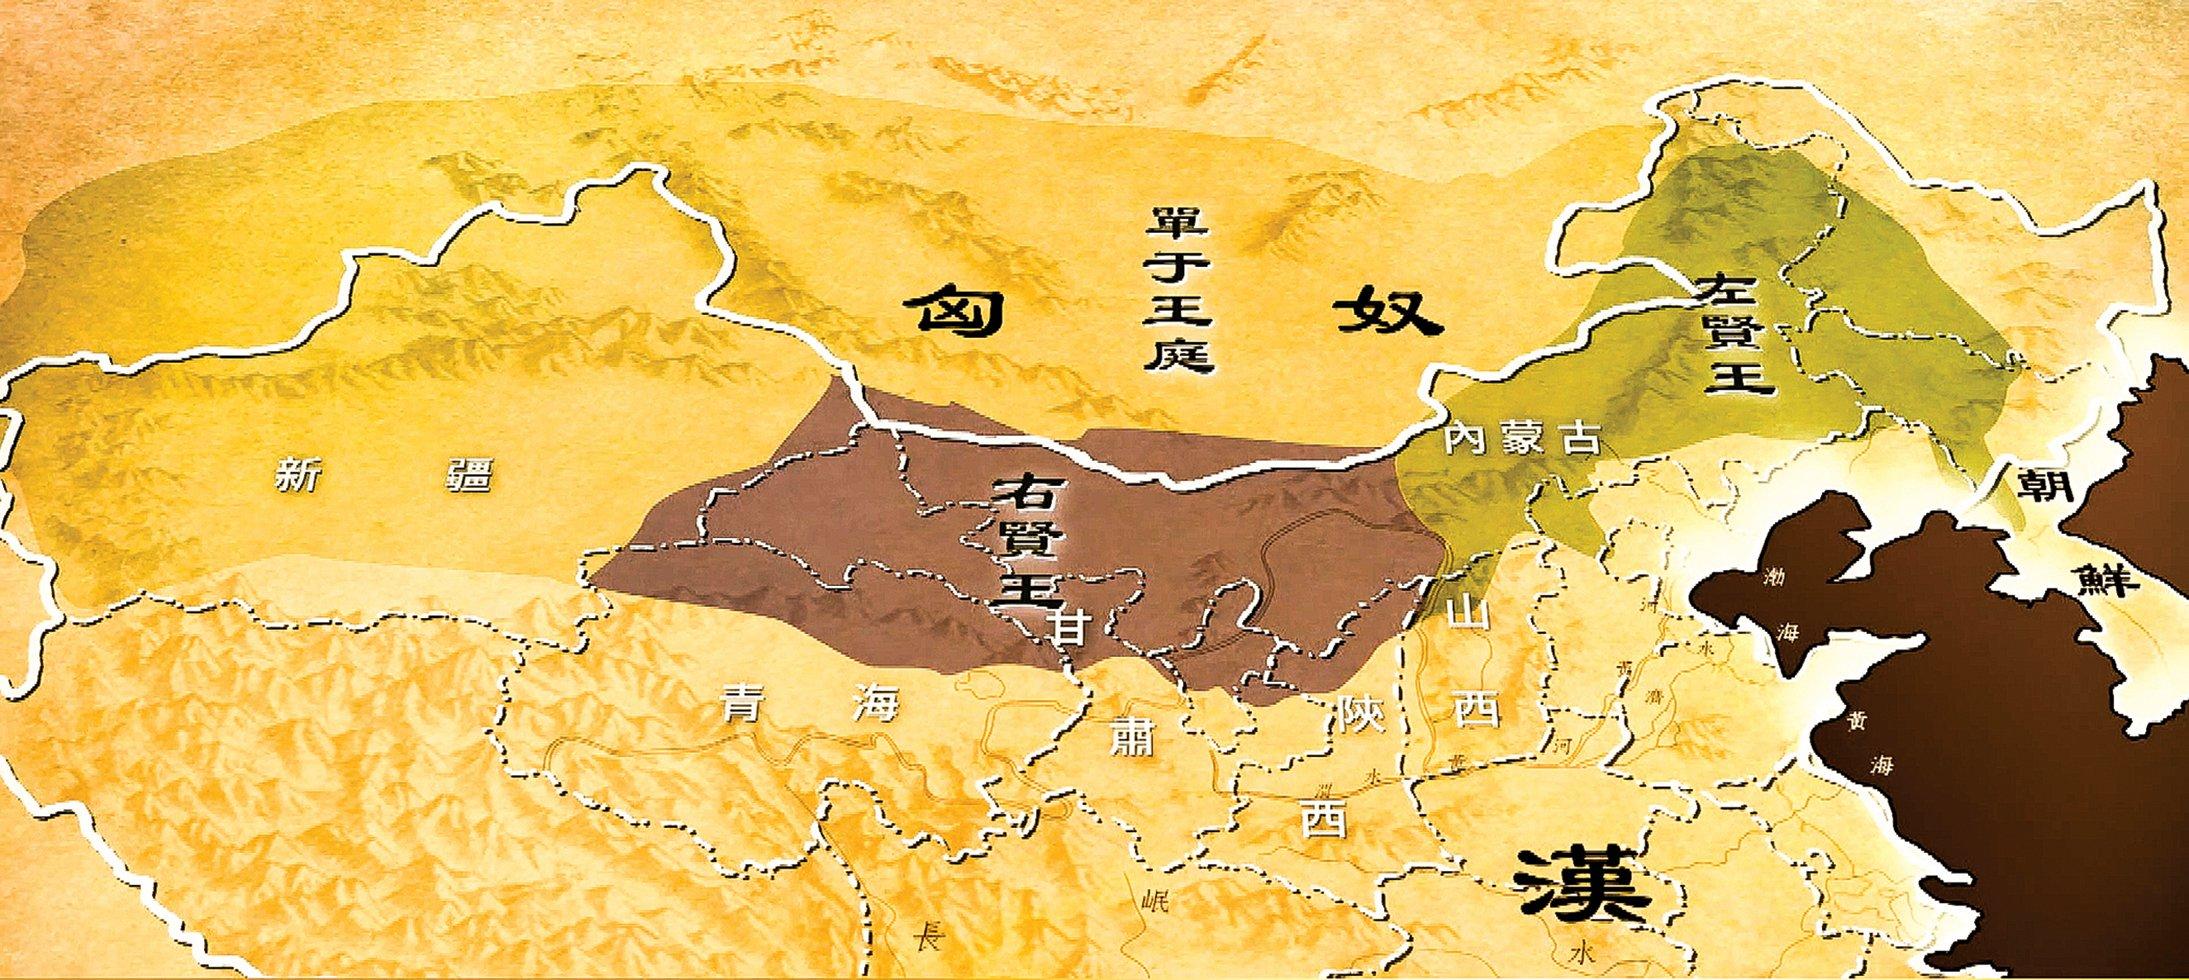 漢武帝時期,大漢疆域以北都是匈奴的勢力範圍。單于王庭居中,兩側分設左右賢王。